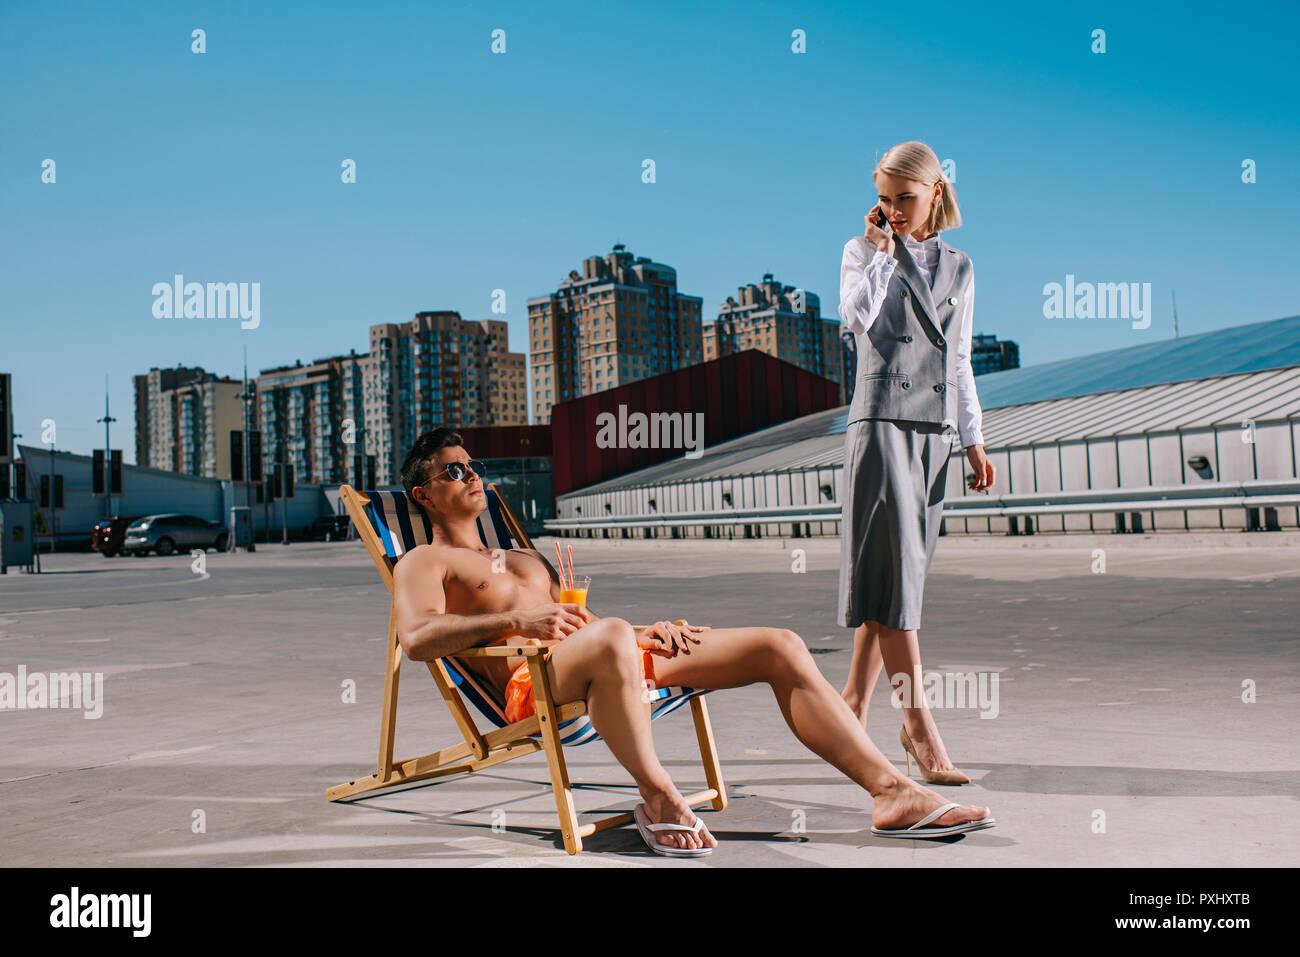 Apuesto joven relajarse en las hamacas mientras que su señora boss en traje junto a él, y hablando por teléfono sobre el estacionamiento Foto de stock